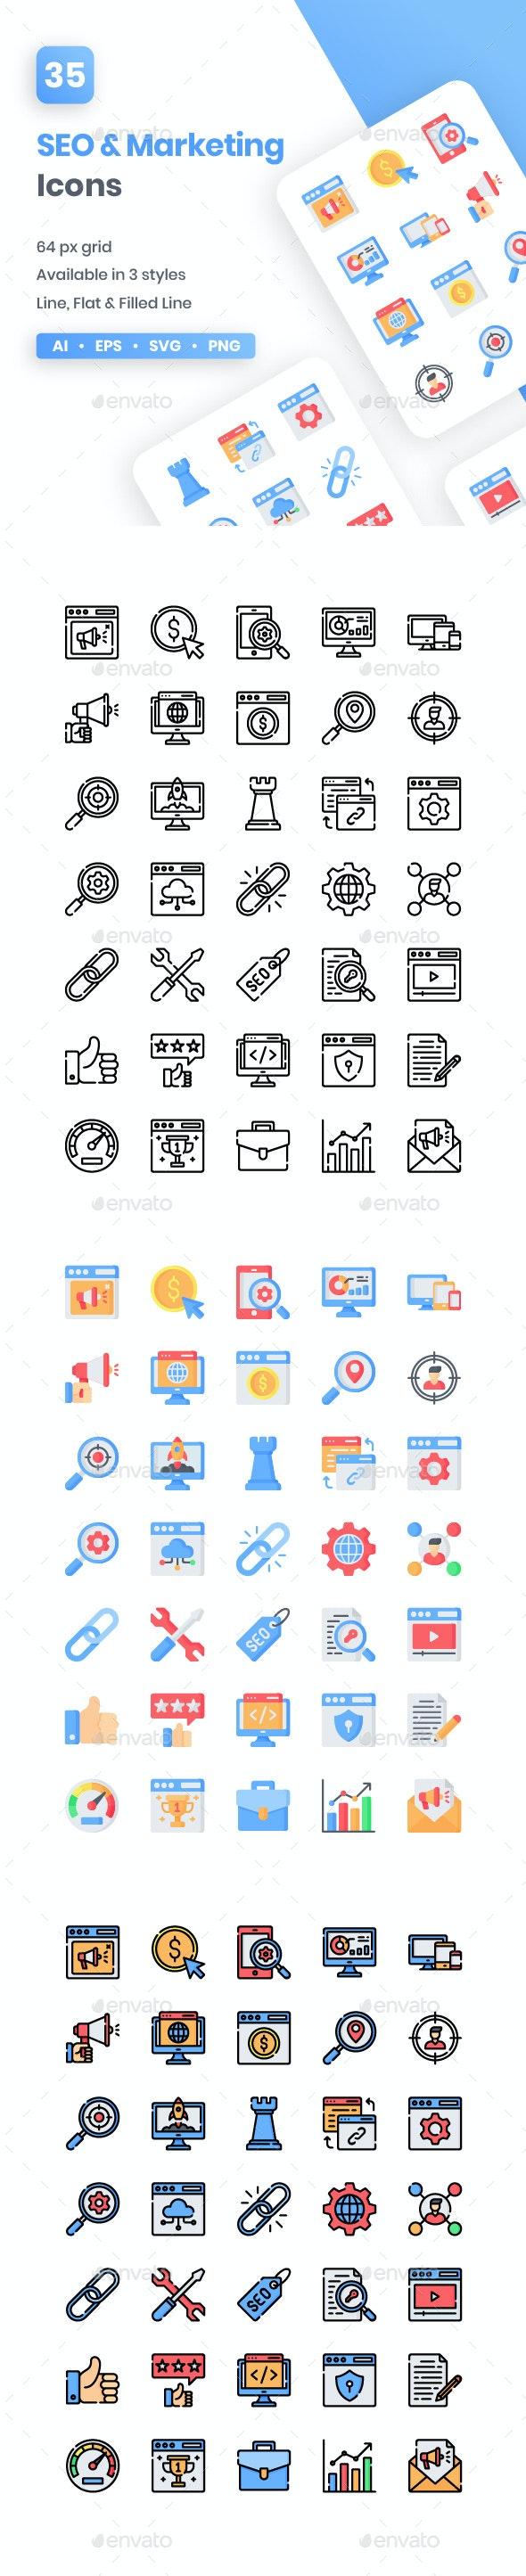 SEO & Marketing Icons - Web Icons